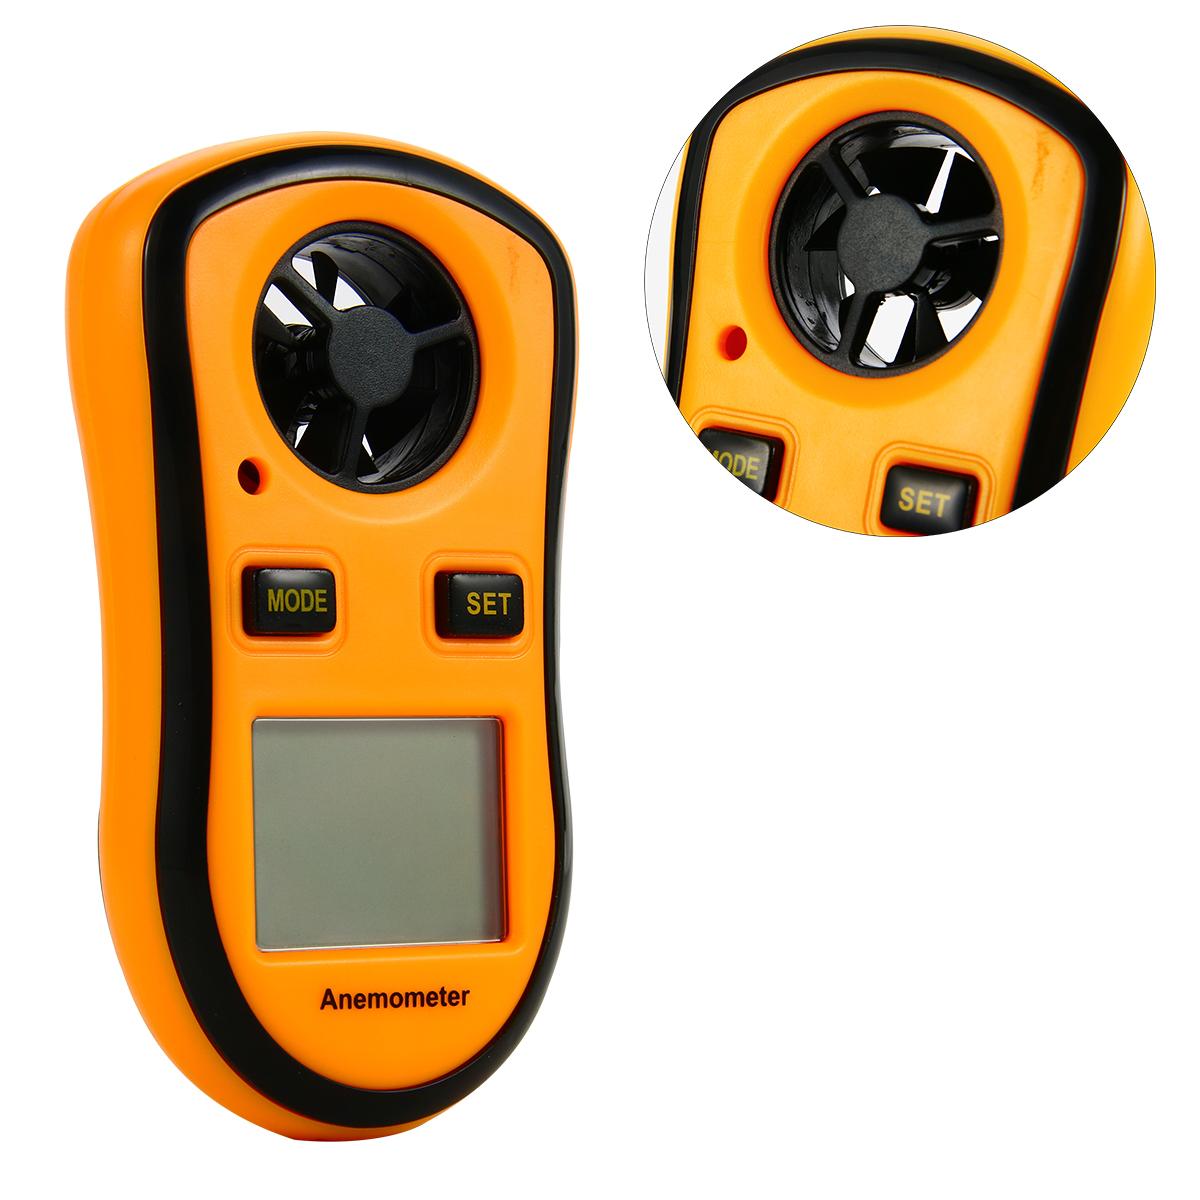 Digital LCD Handheld Anemometer Thermometer Air Wind Speed Velocity Meter TE325(China (Mainland))